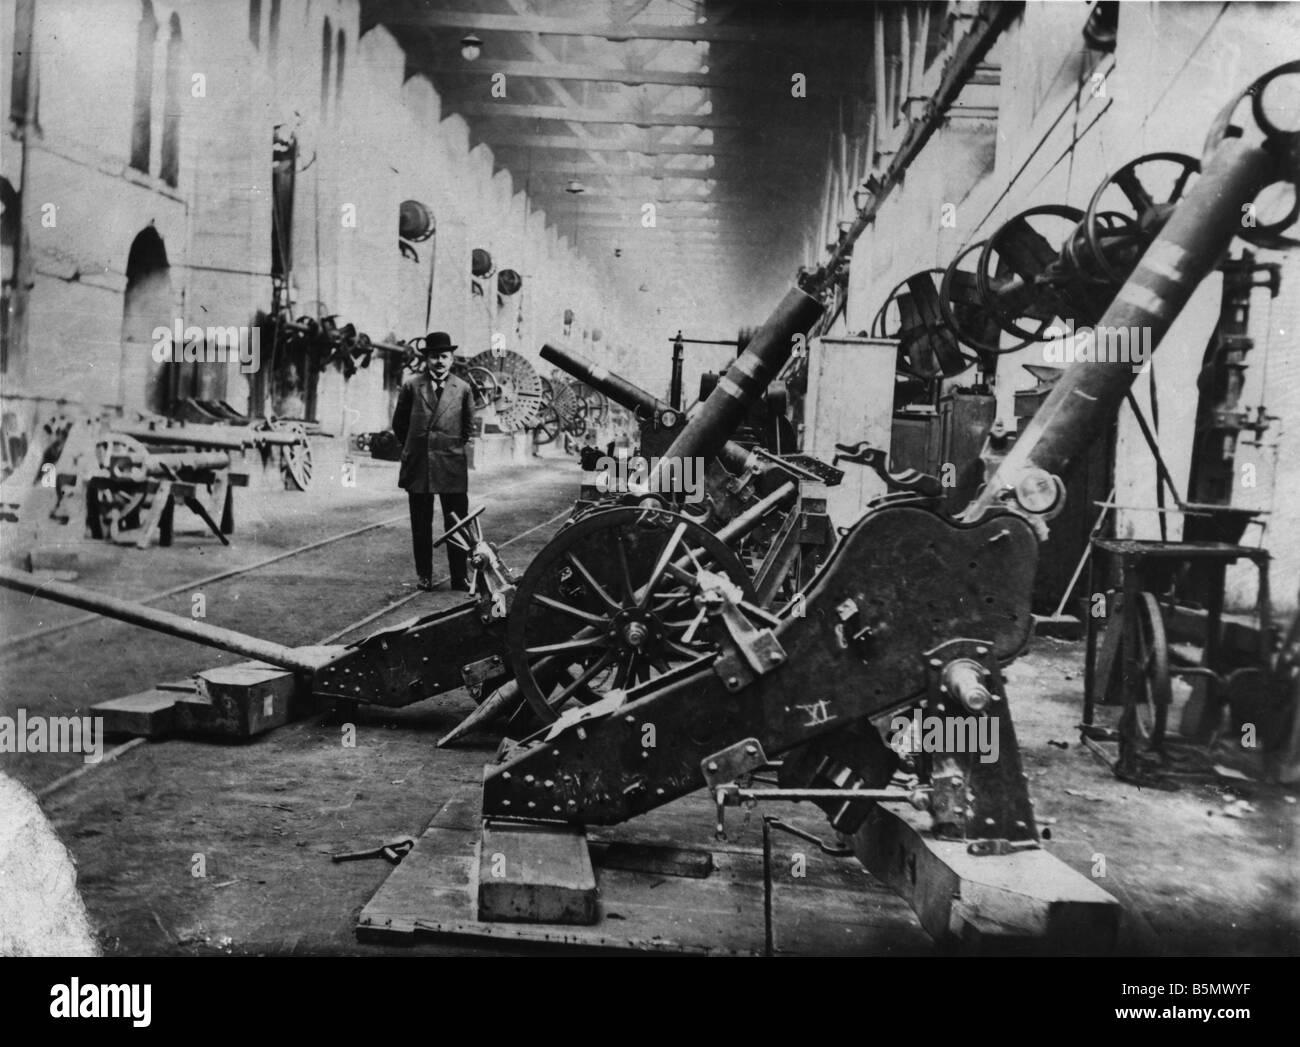 9TK 1916 0 0 A1 4 Waffe Fabriken Türkei Herbst 1916 Geschichte der Türkei 1. Weltkrieg Waffe Kanonen und Stockbild